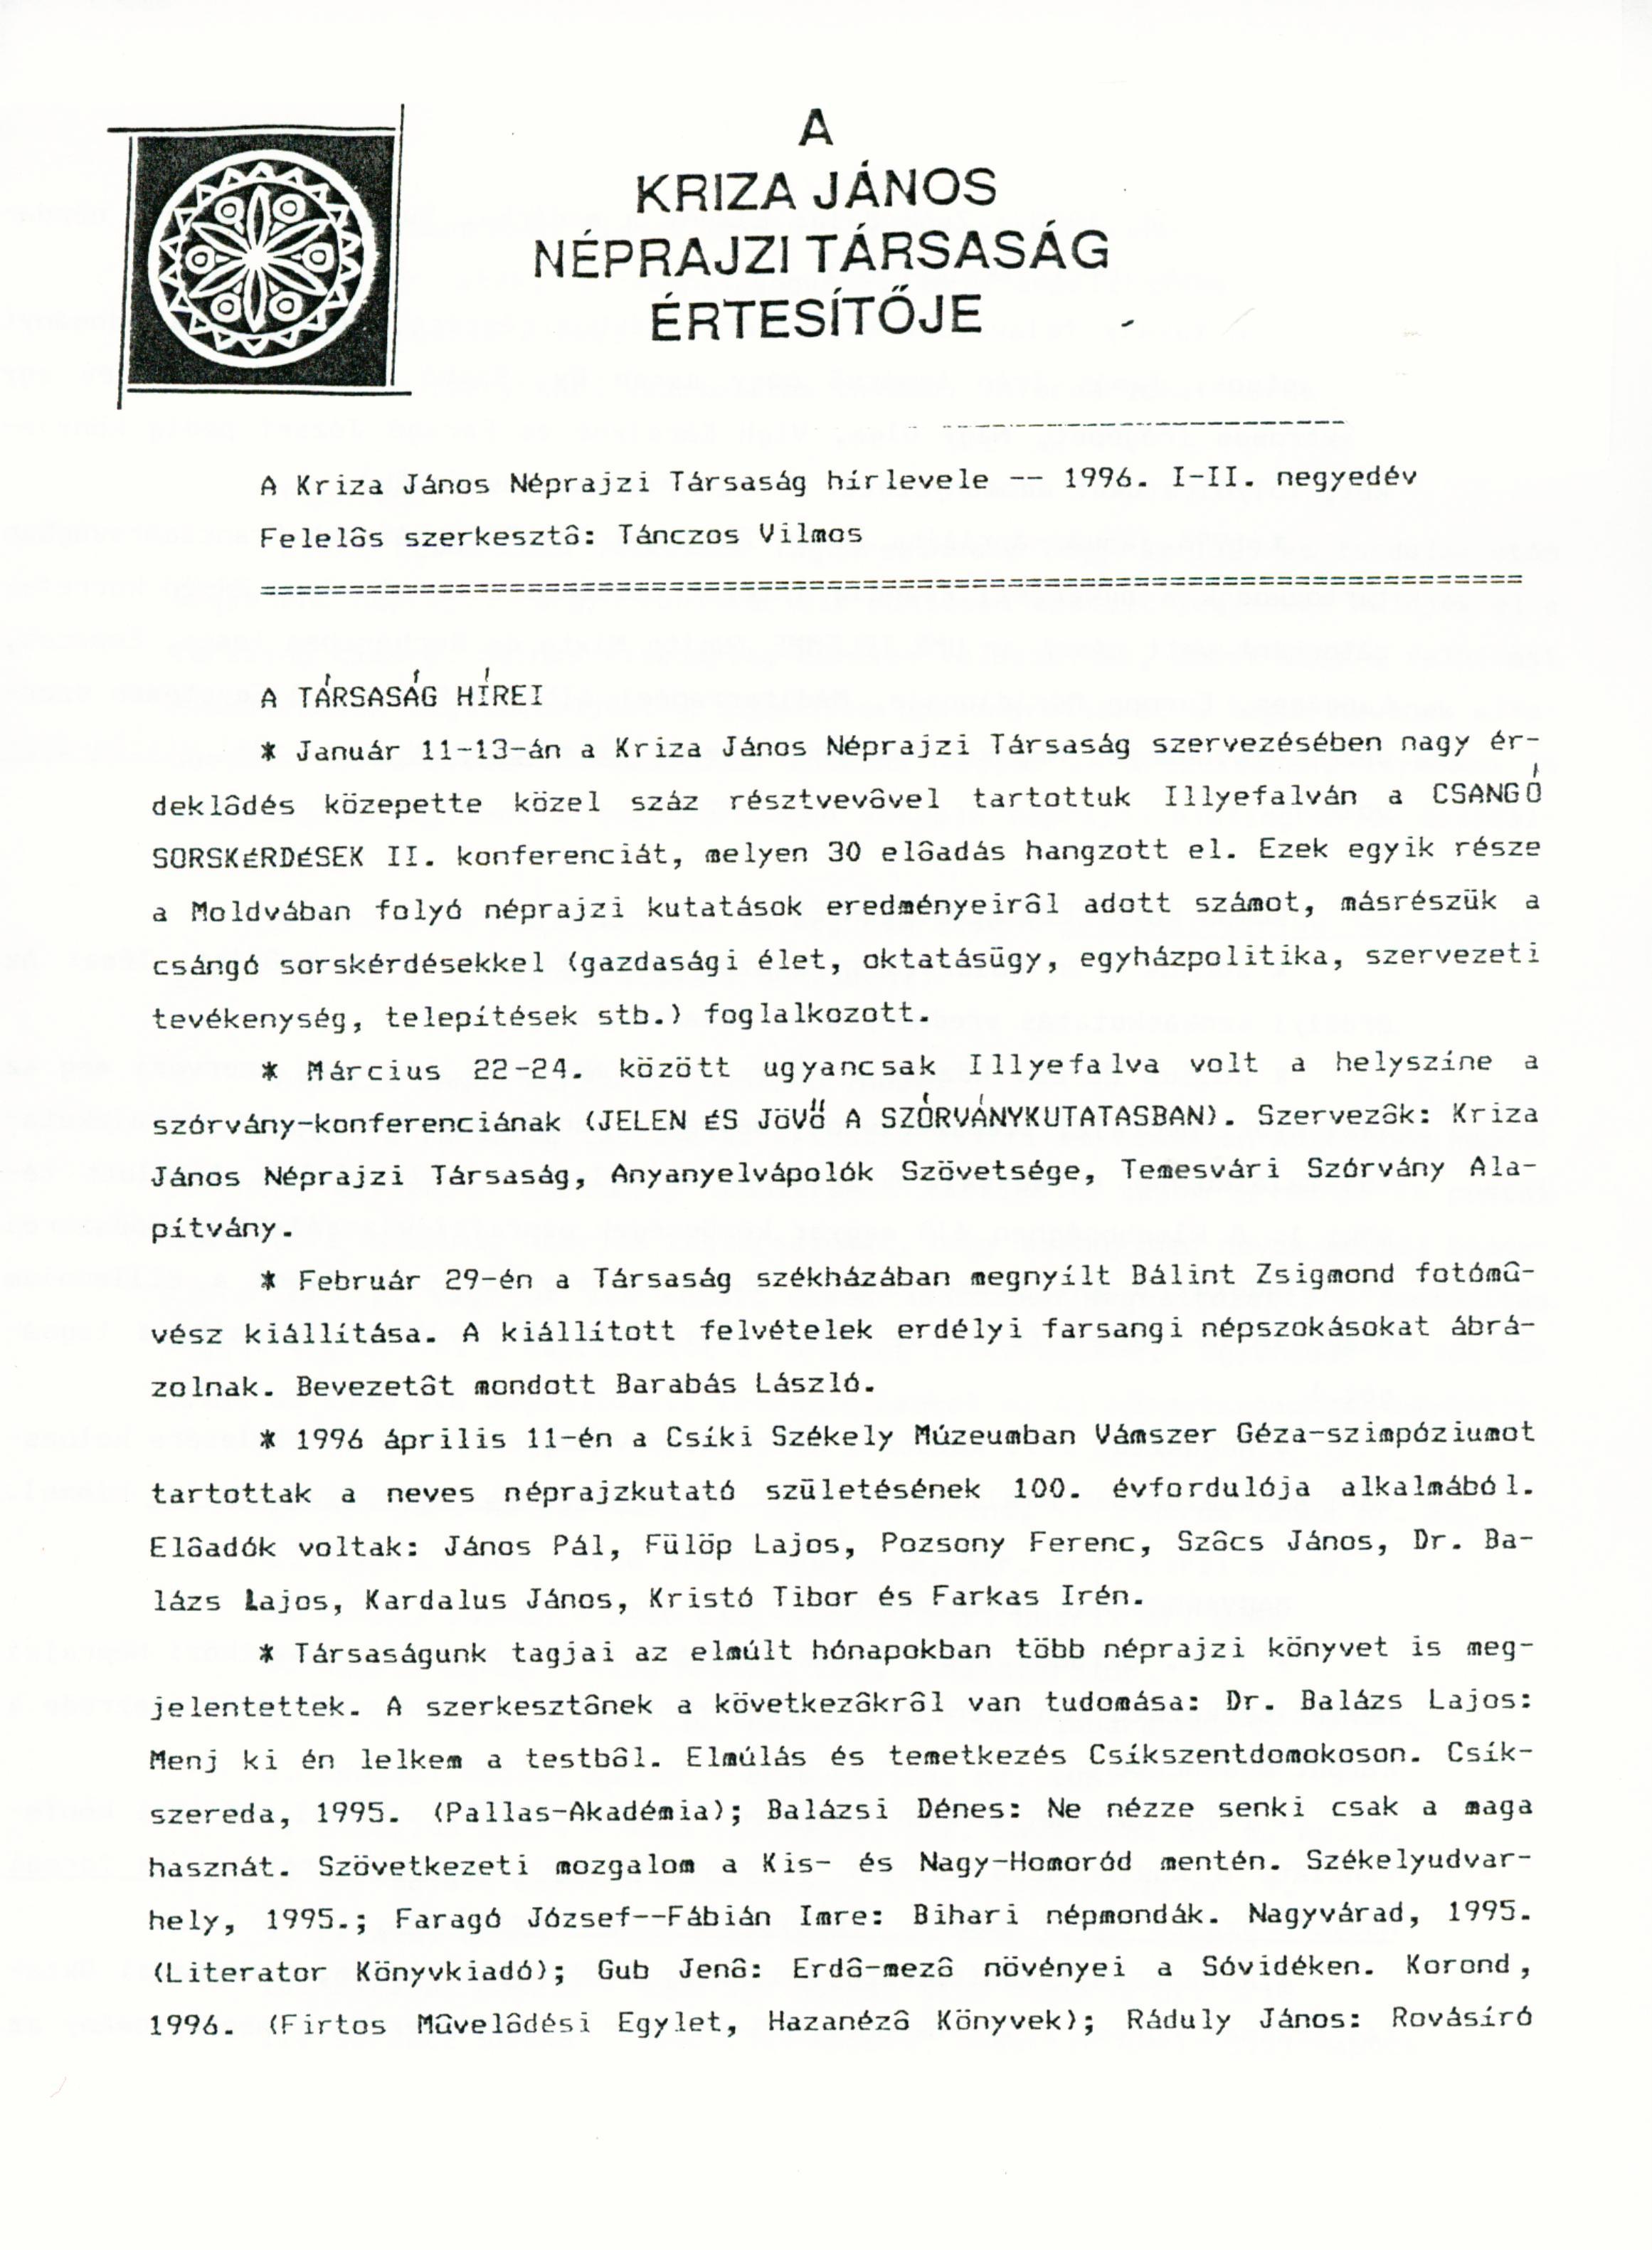 [Buletinul Asociaţiei Etnografice Kriza János. Vol. VI. Nr. 1–2.] A Kriza János Néprajzi Társaság Értesítője. VI. évf. 1–2. sz.